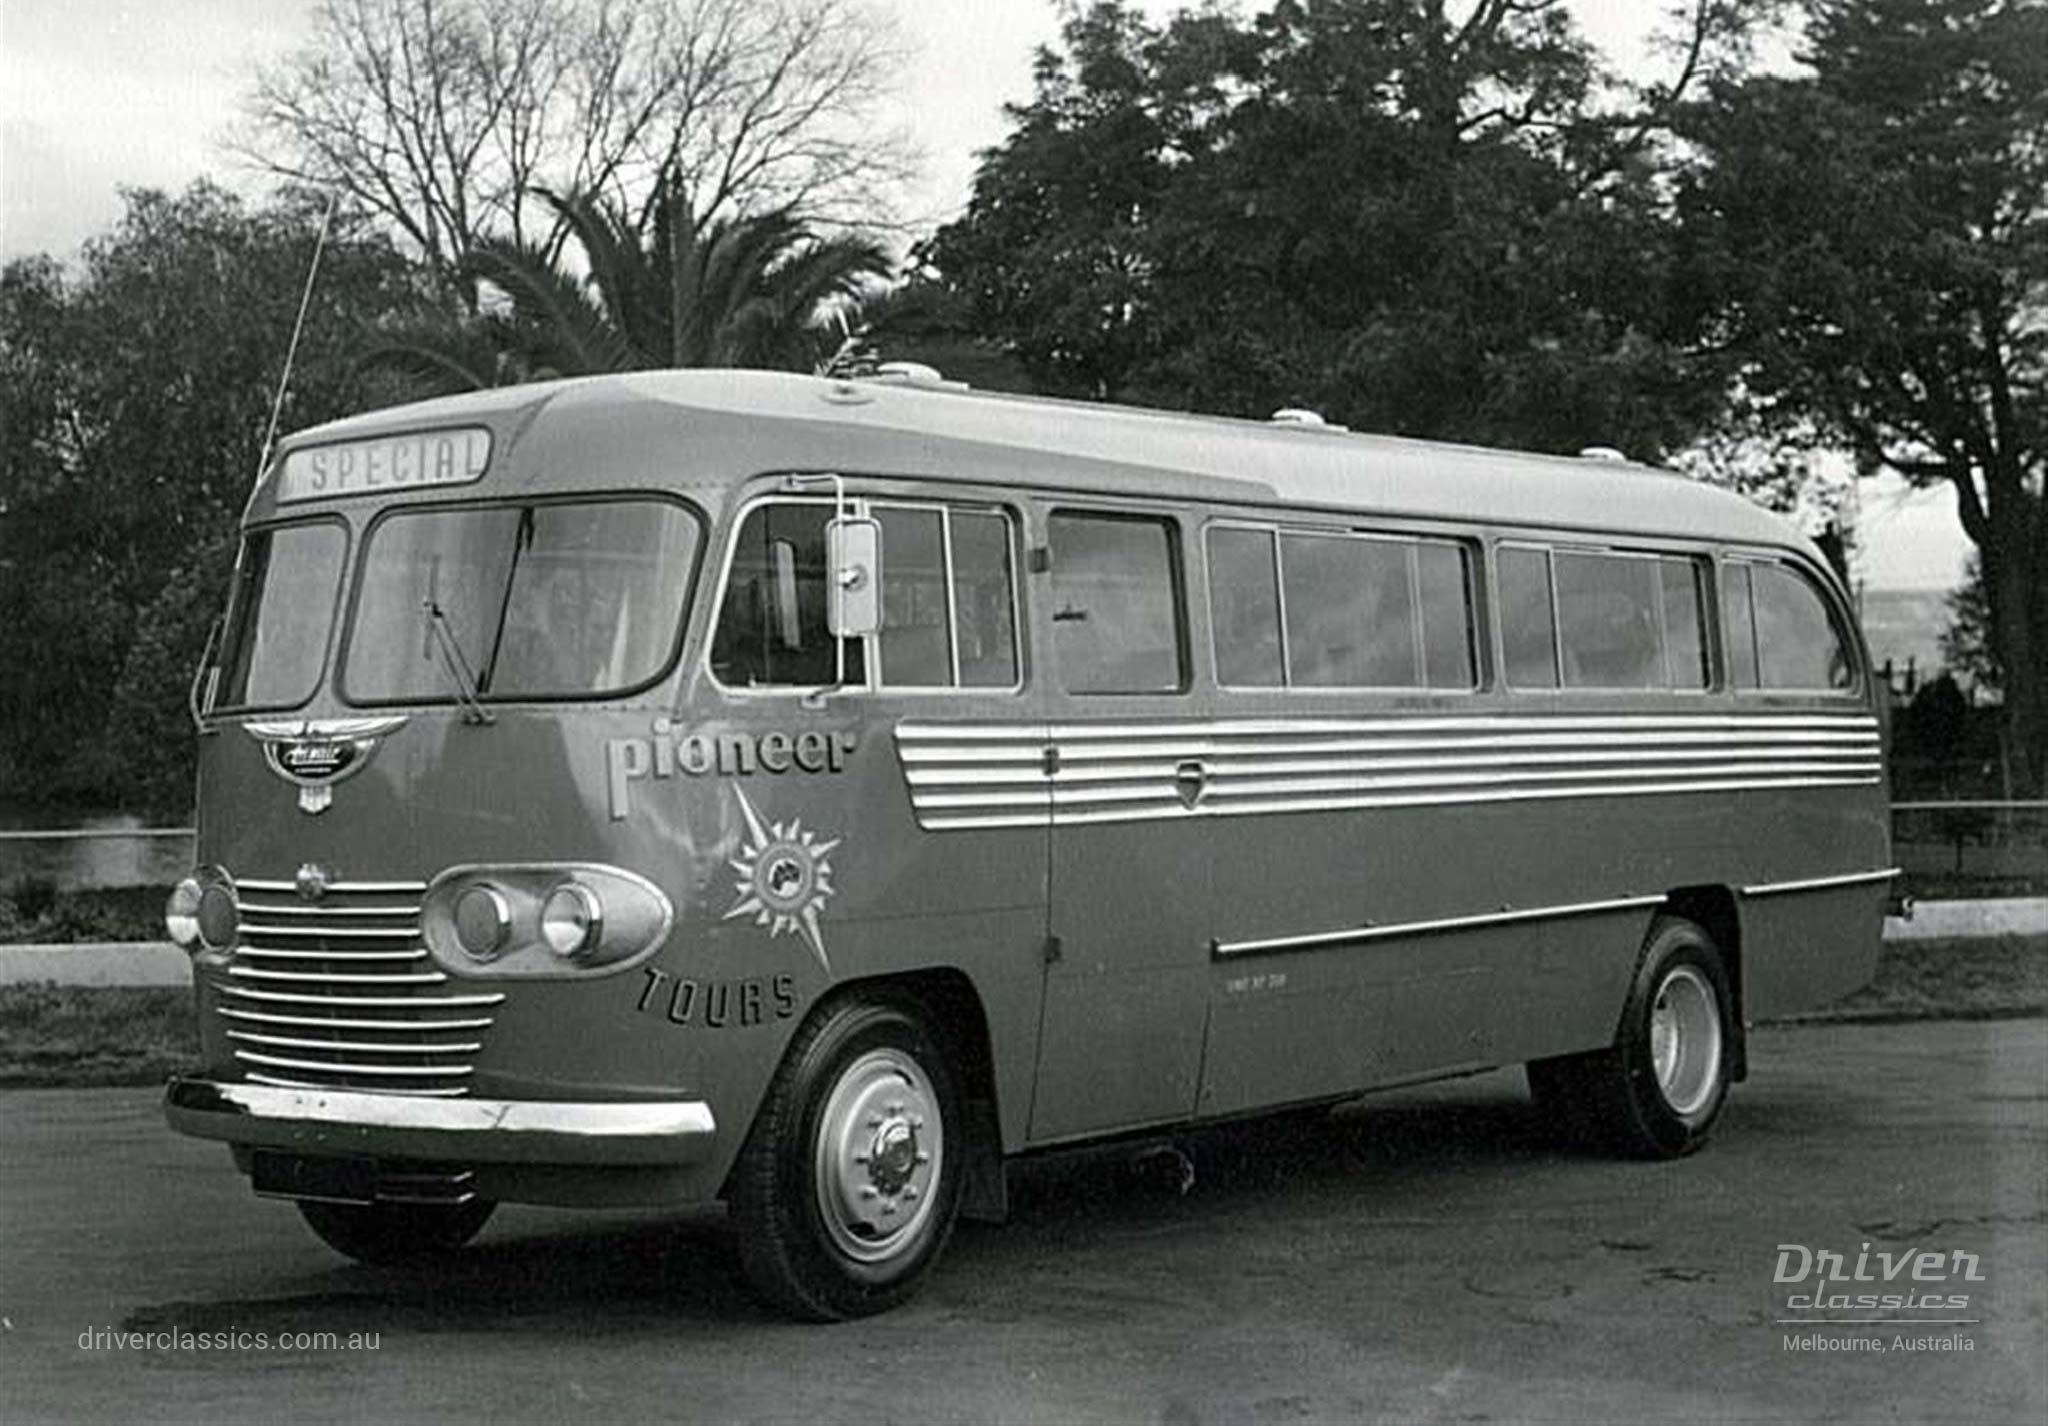 Ansair Commer Avenger Bus (1949 Model) 'Scenic Clipper'